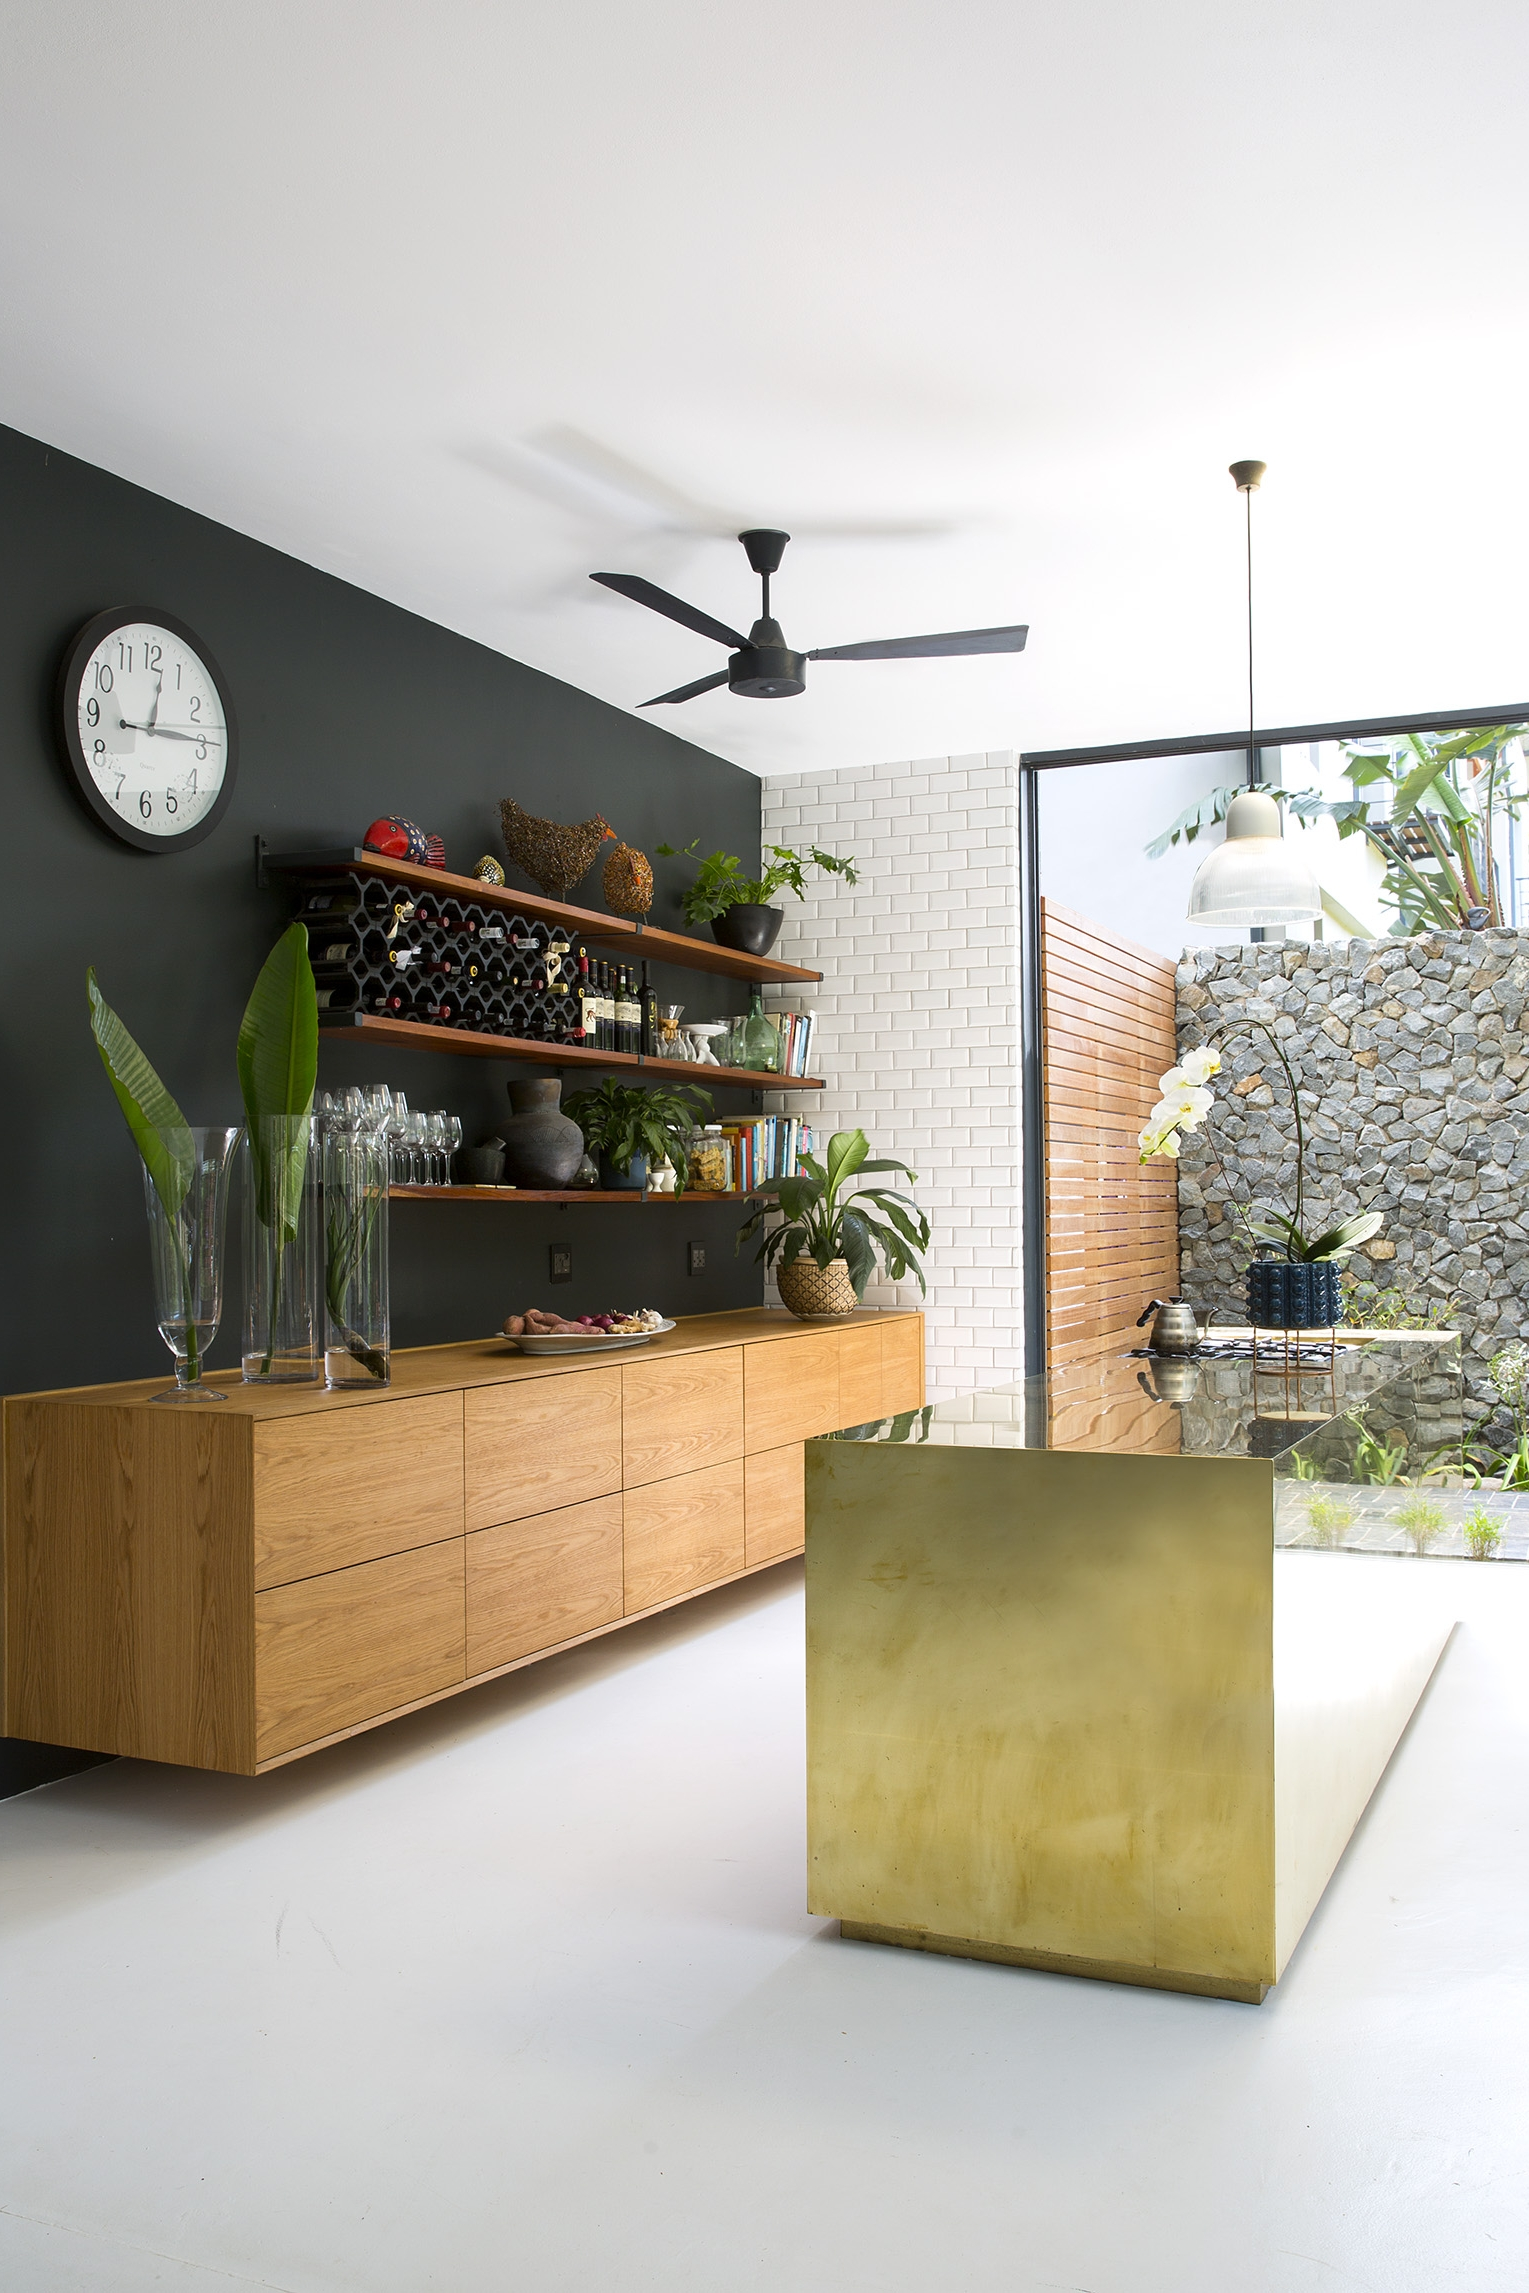 julia-rutherfoord-architect-kitchen-2017-02.jpg